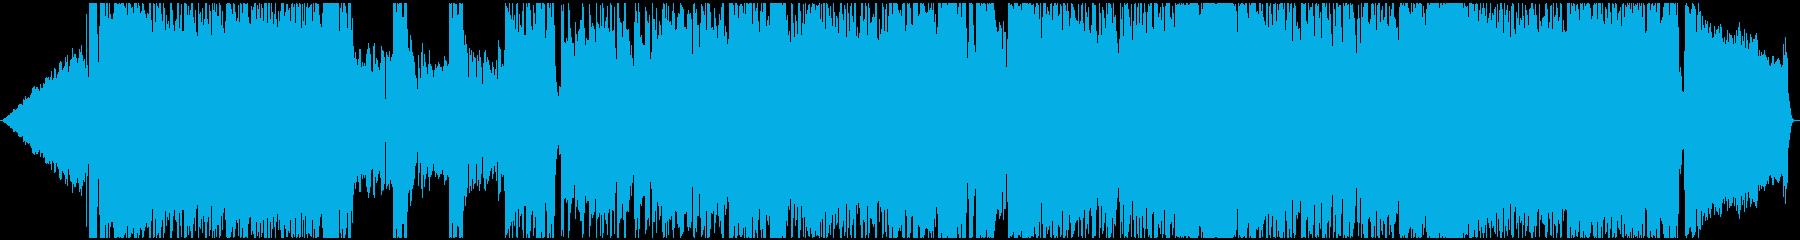 アニソン、V系風の男性Voロック曲の再生済みの波形